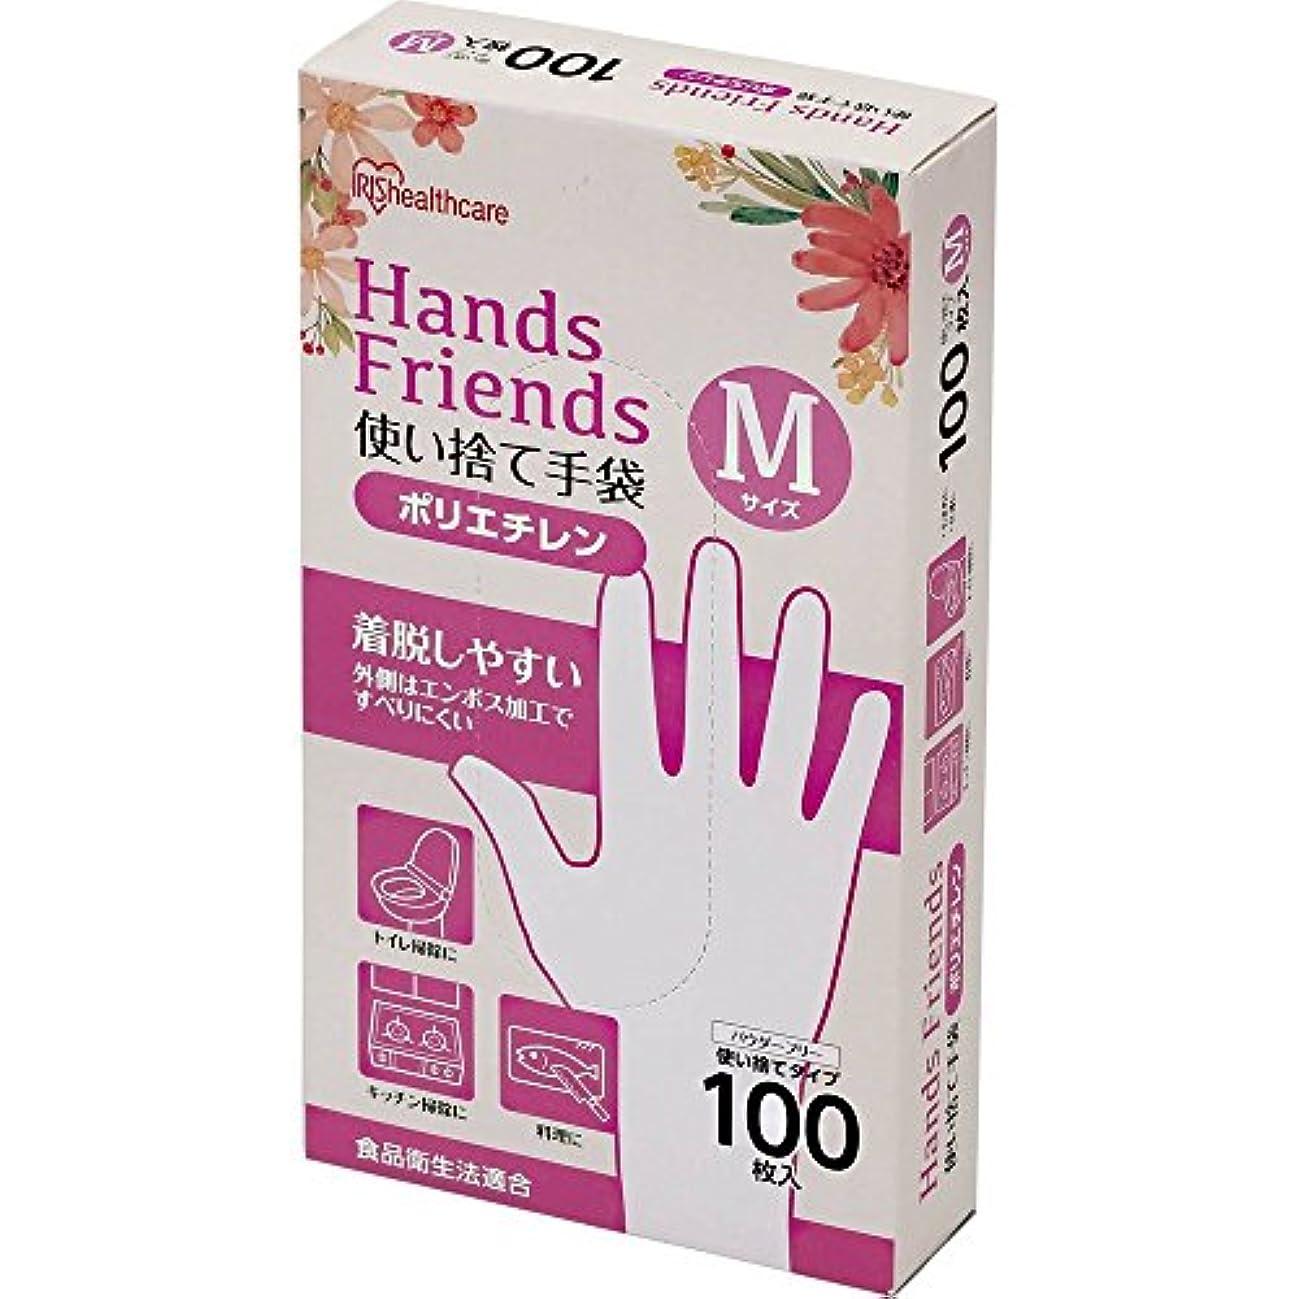 新しい意味多様なインゲン使い捨て手袋 ポリエチレン手袋 Mサイズ 粉なし パウダーフリー クリア 100枚入